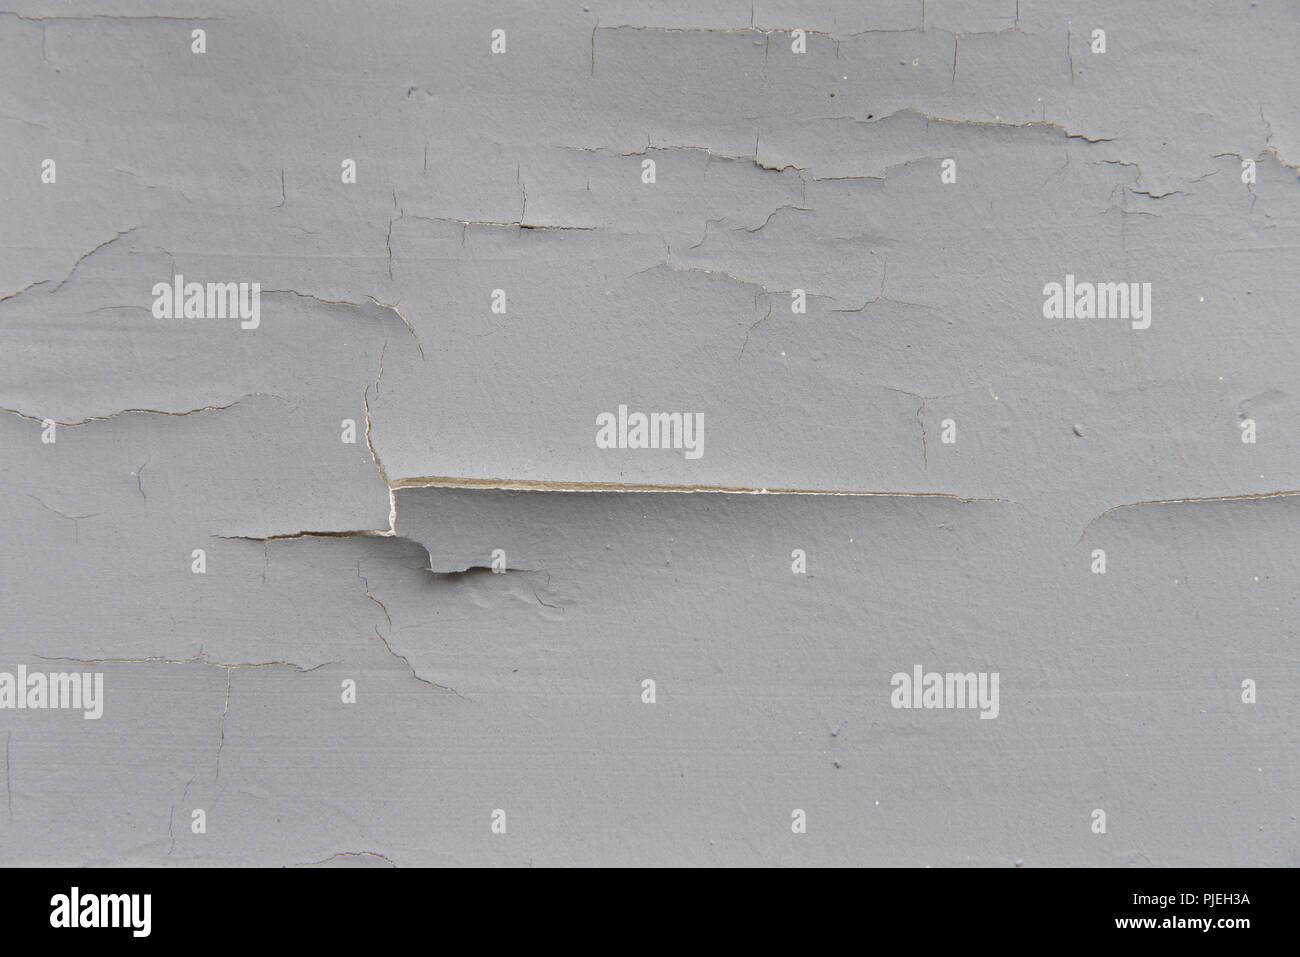 Pittura Per Esterni Grigia : Esterni in legno muro di casa con vernice grigio cracking